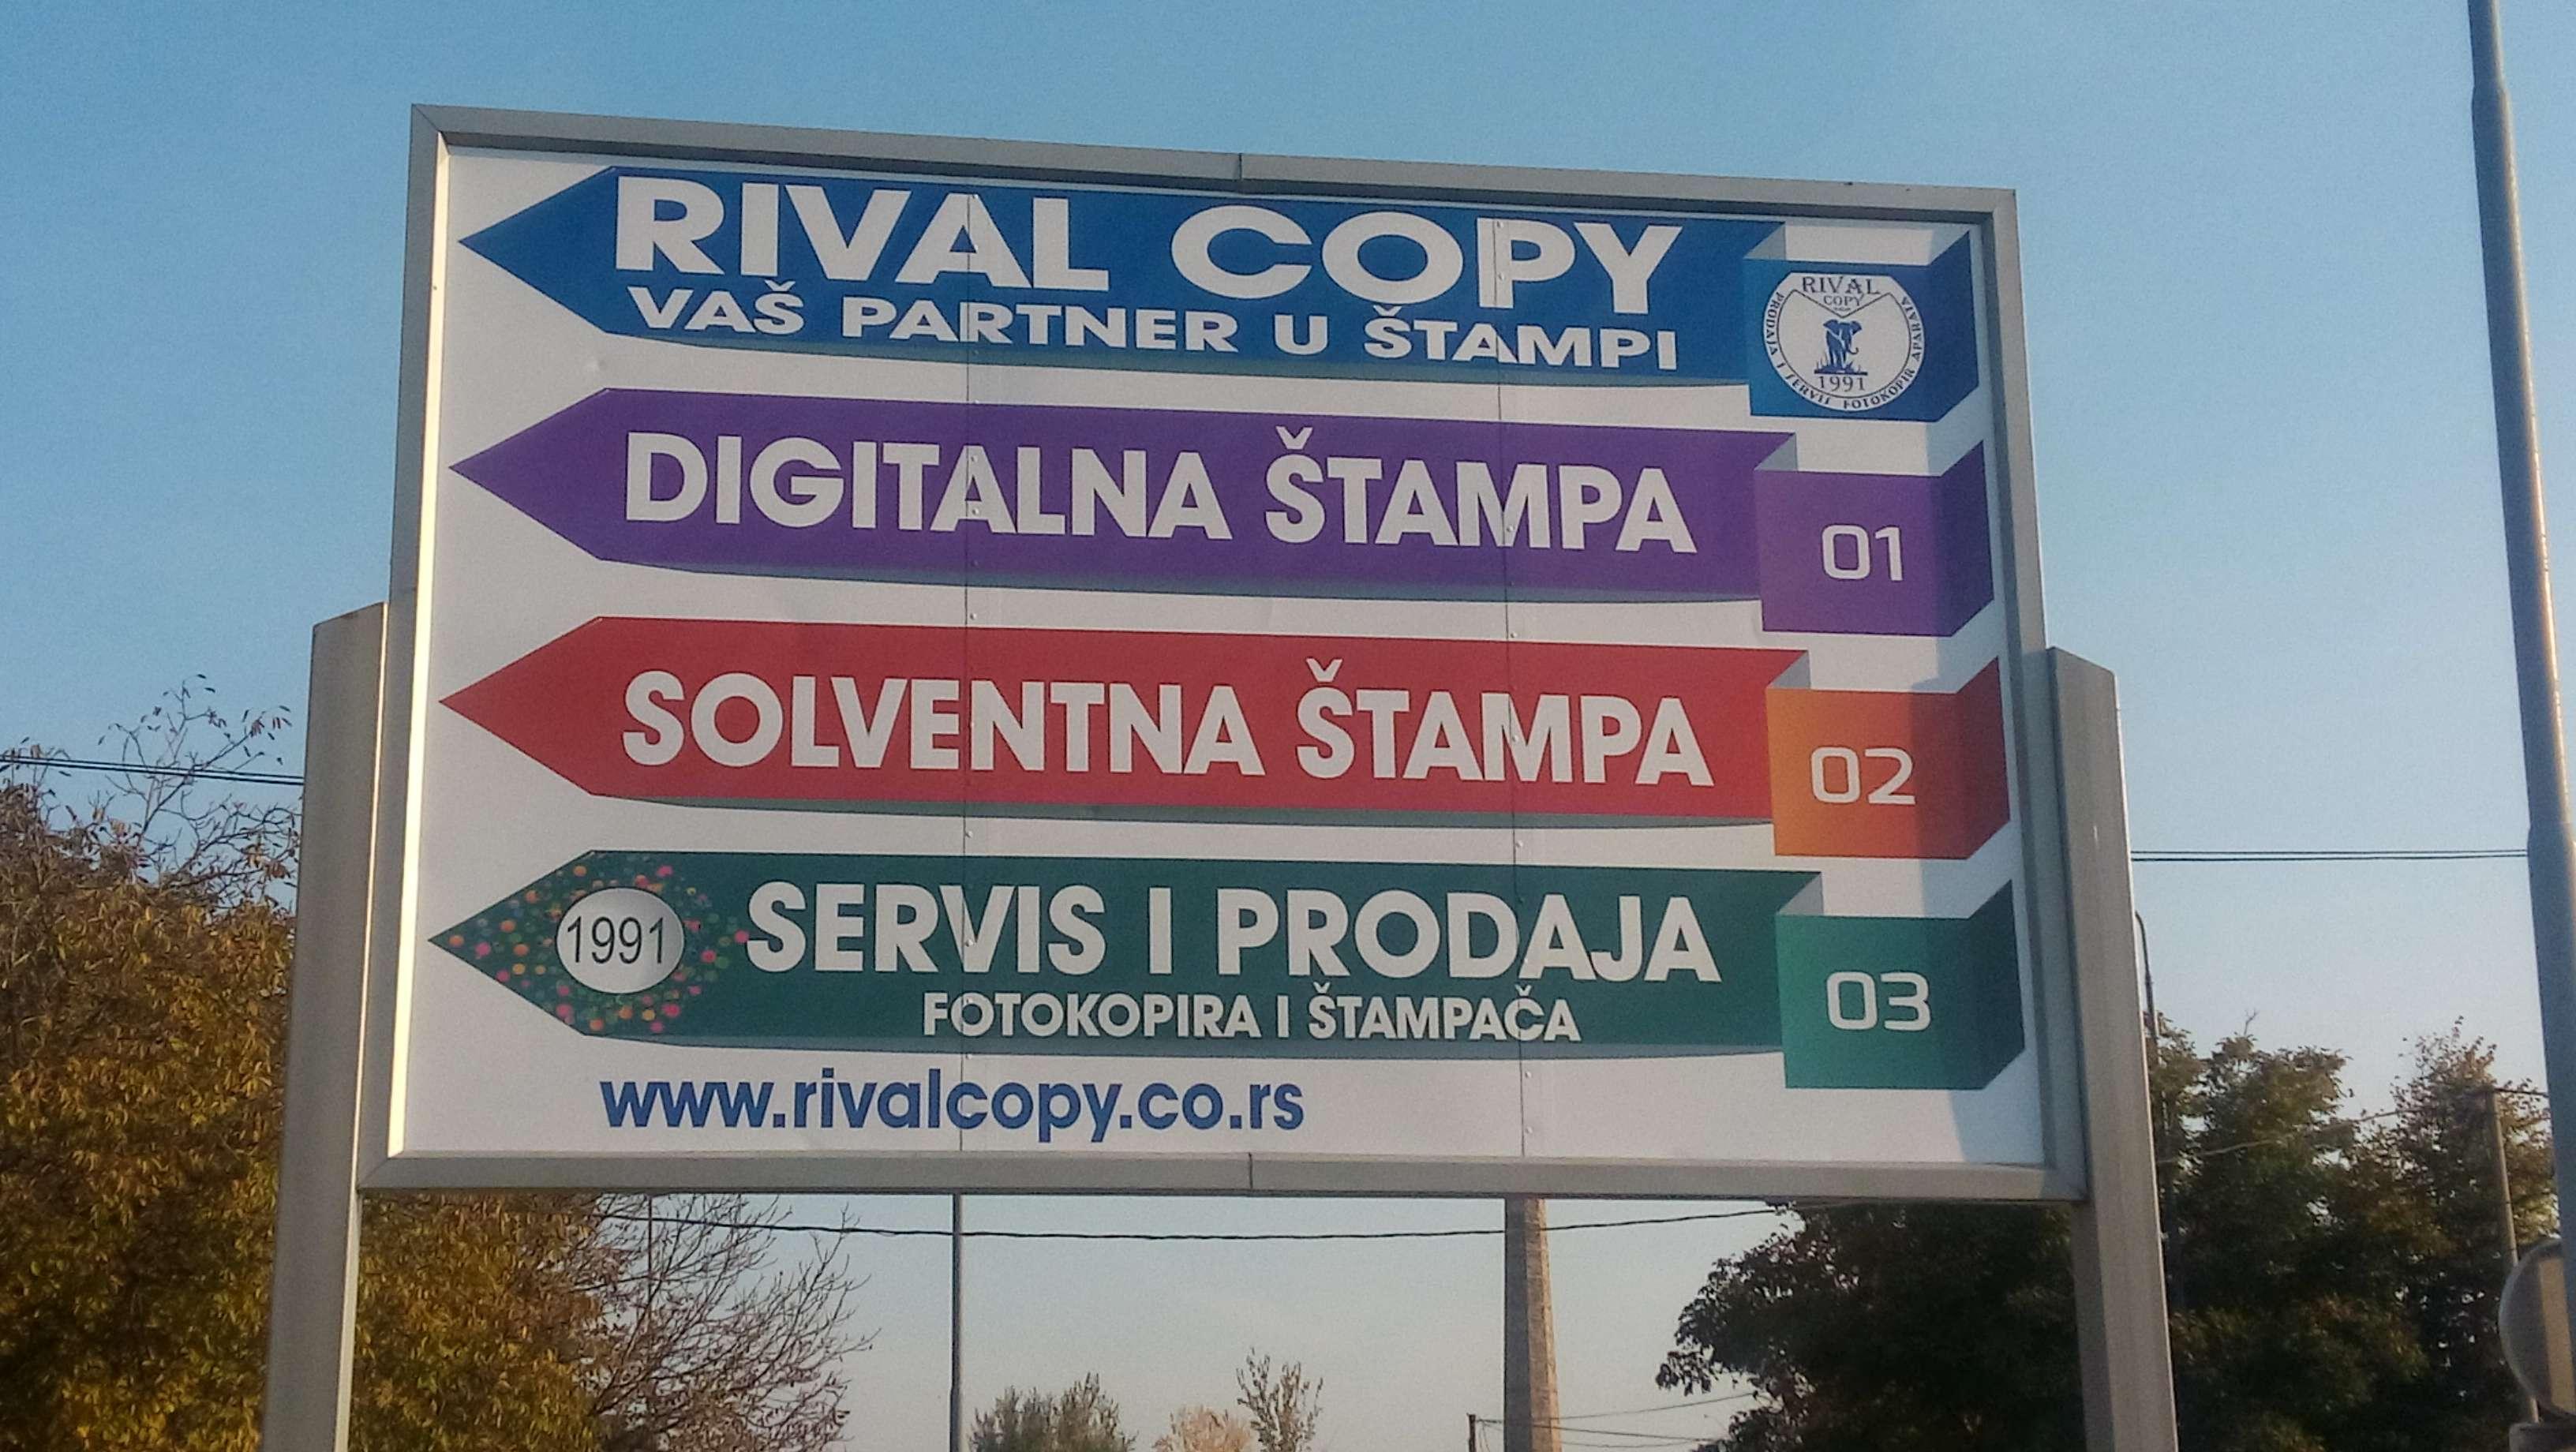 Rival copy